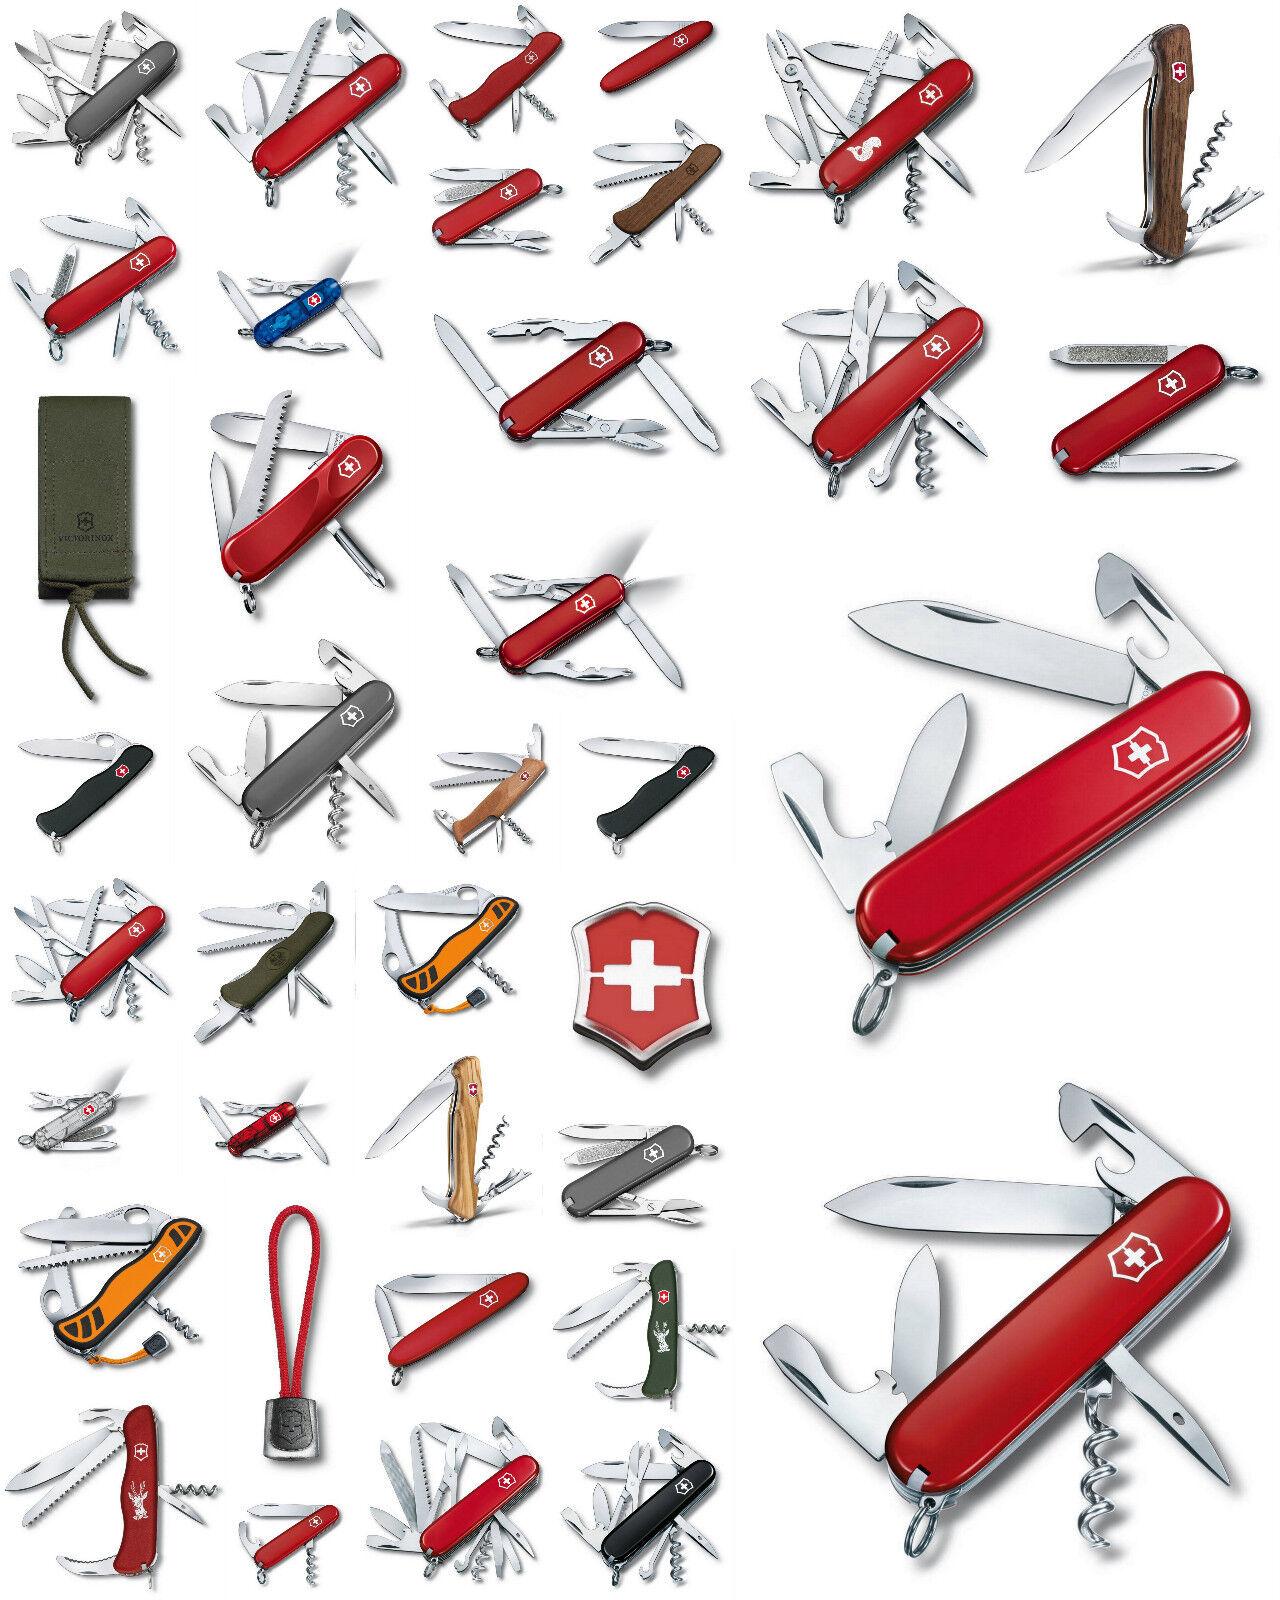 Victorinox Schweizer Taschen Messer Offizier Angler Jagd Zubehör versch Modelle